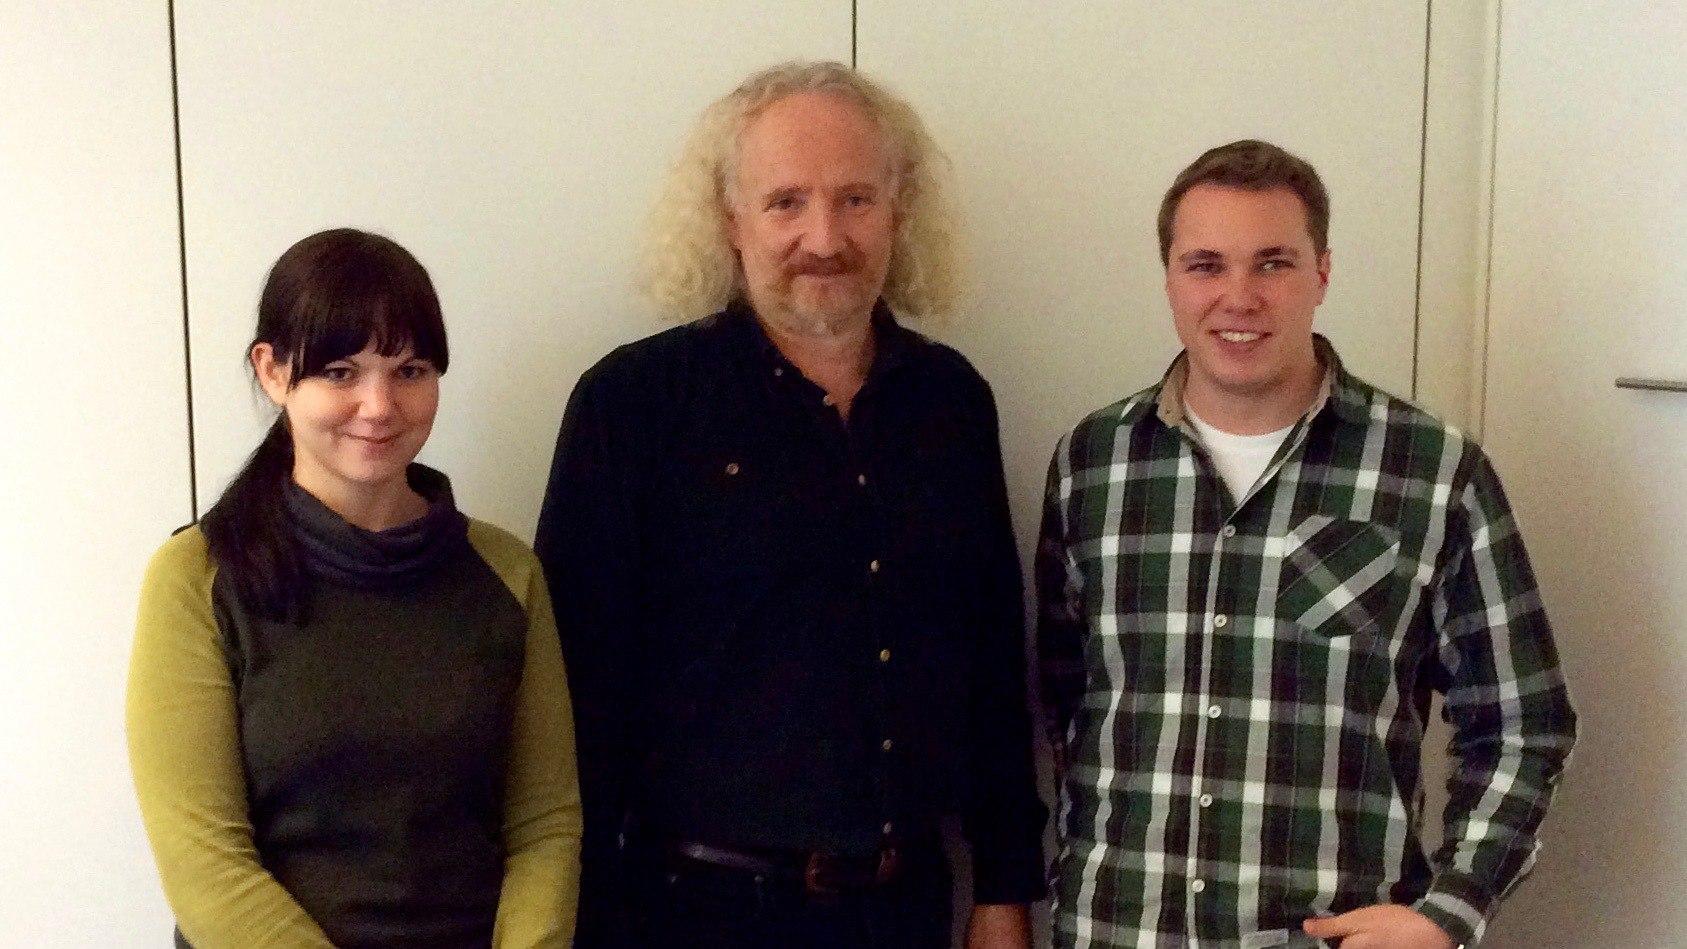 Wolfgang Schlagwein mit seinen Mitarbeitern Marina Zahn und Robert Kolle